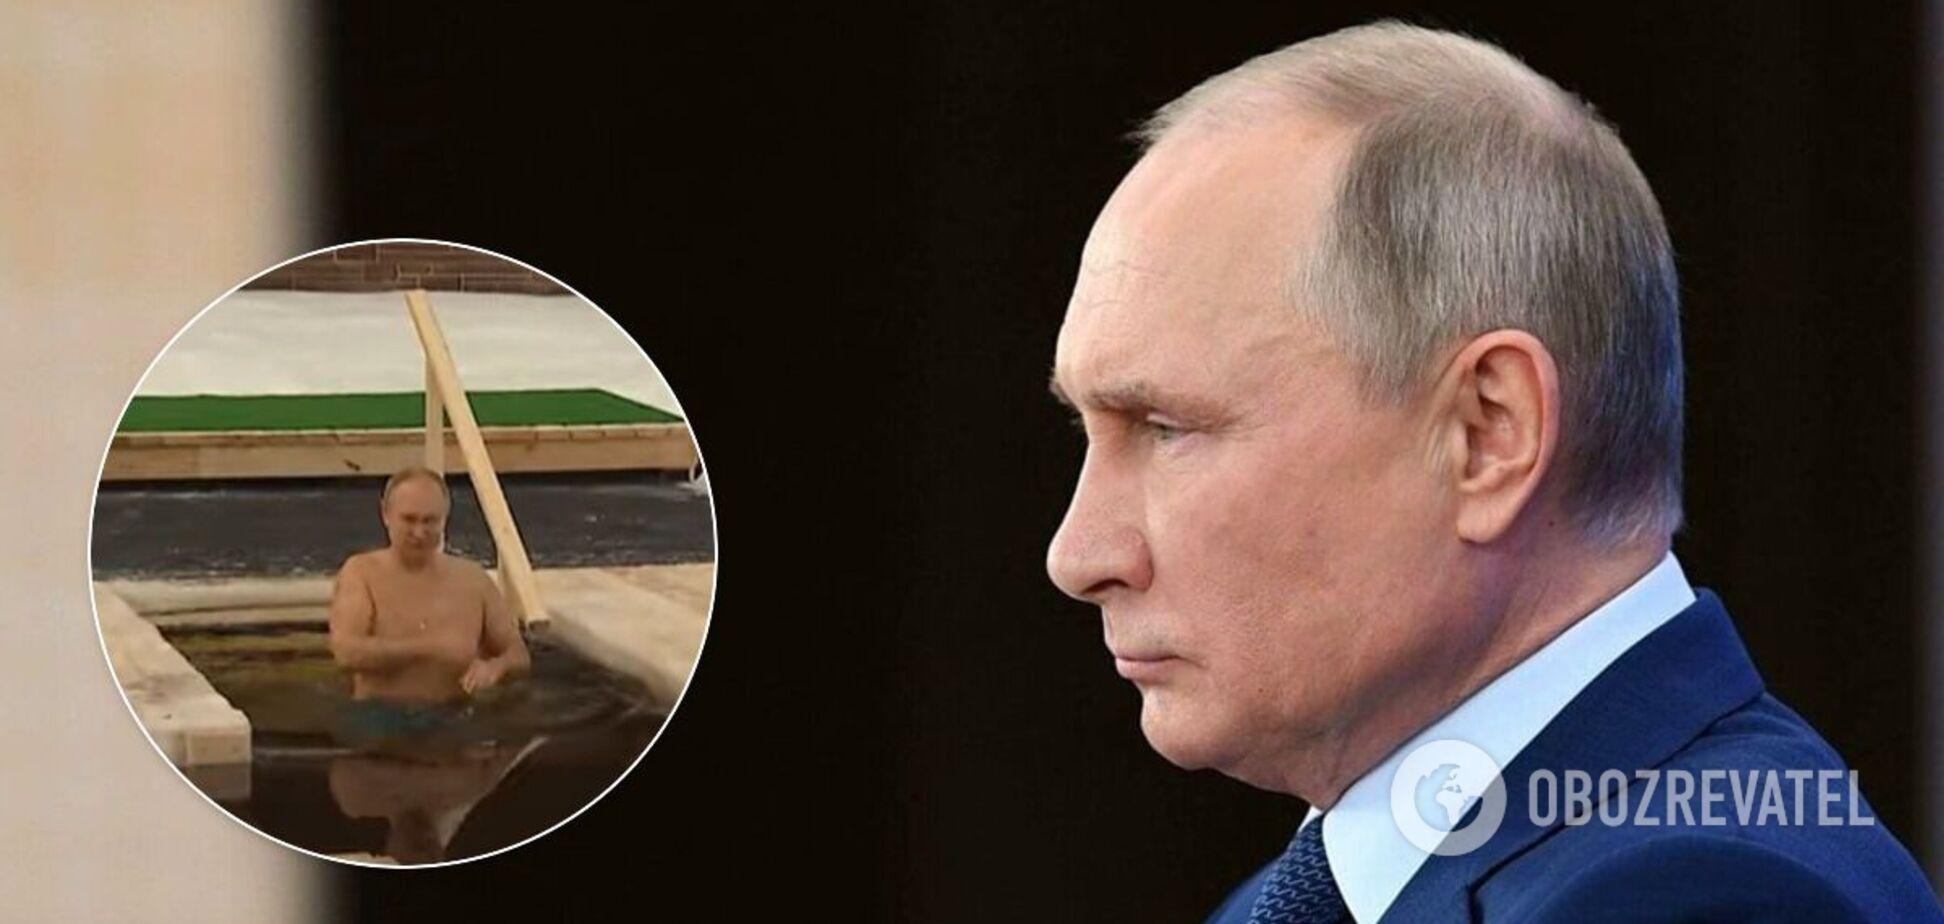 Путин искупался в проруби и нарвался на шутки о показухе и трусах Навального. Видео